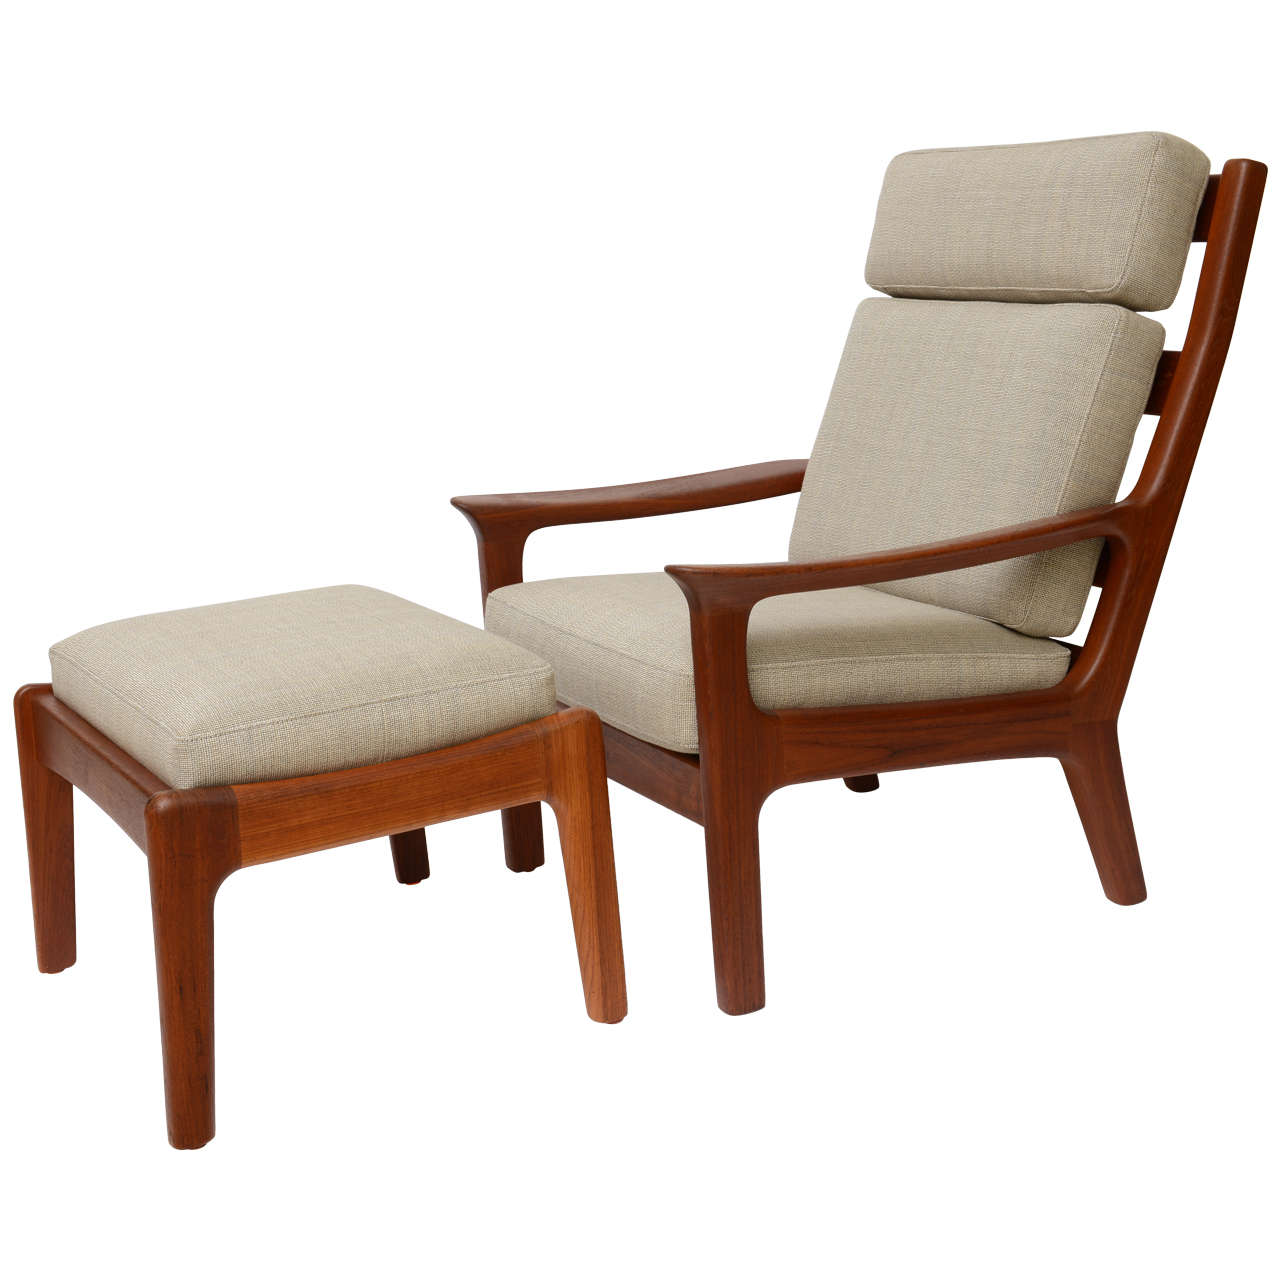 1960s Juul Kristensen Teak Lounge Chair And Ottoman At 1stdibs